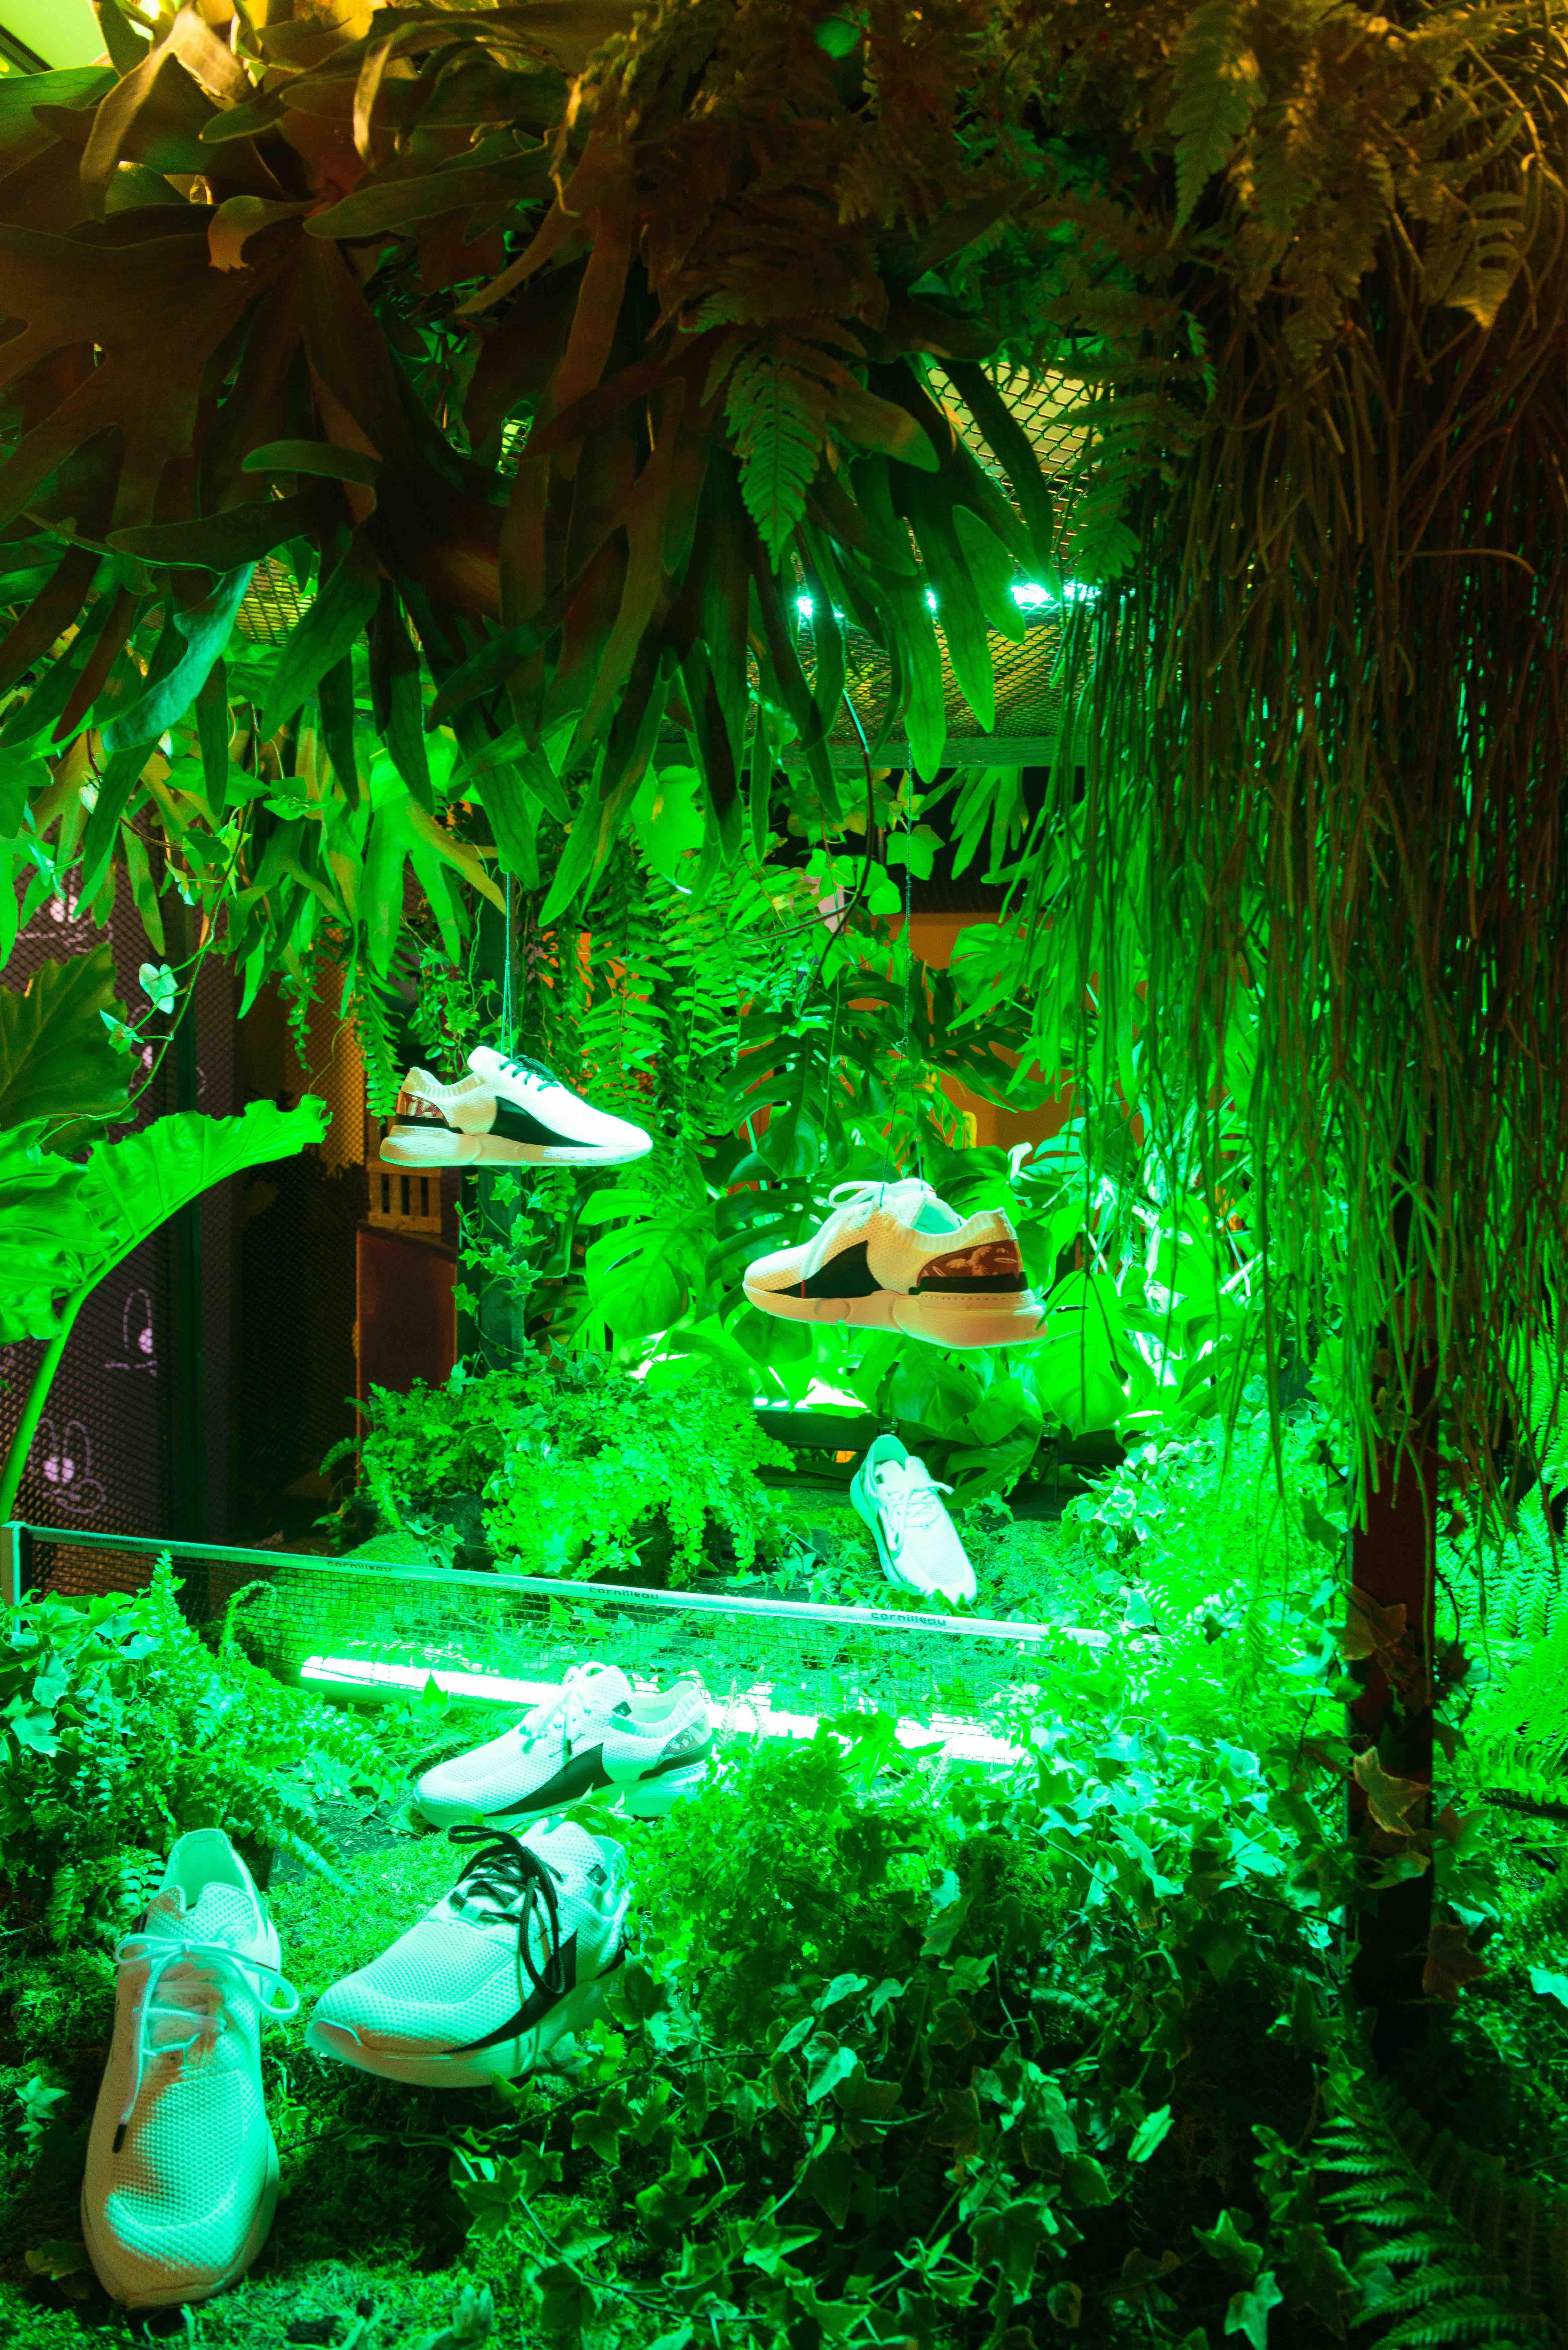 végétalisation événement sweet jungle paris urbex sneackers